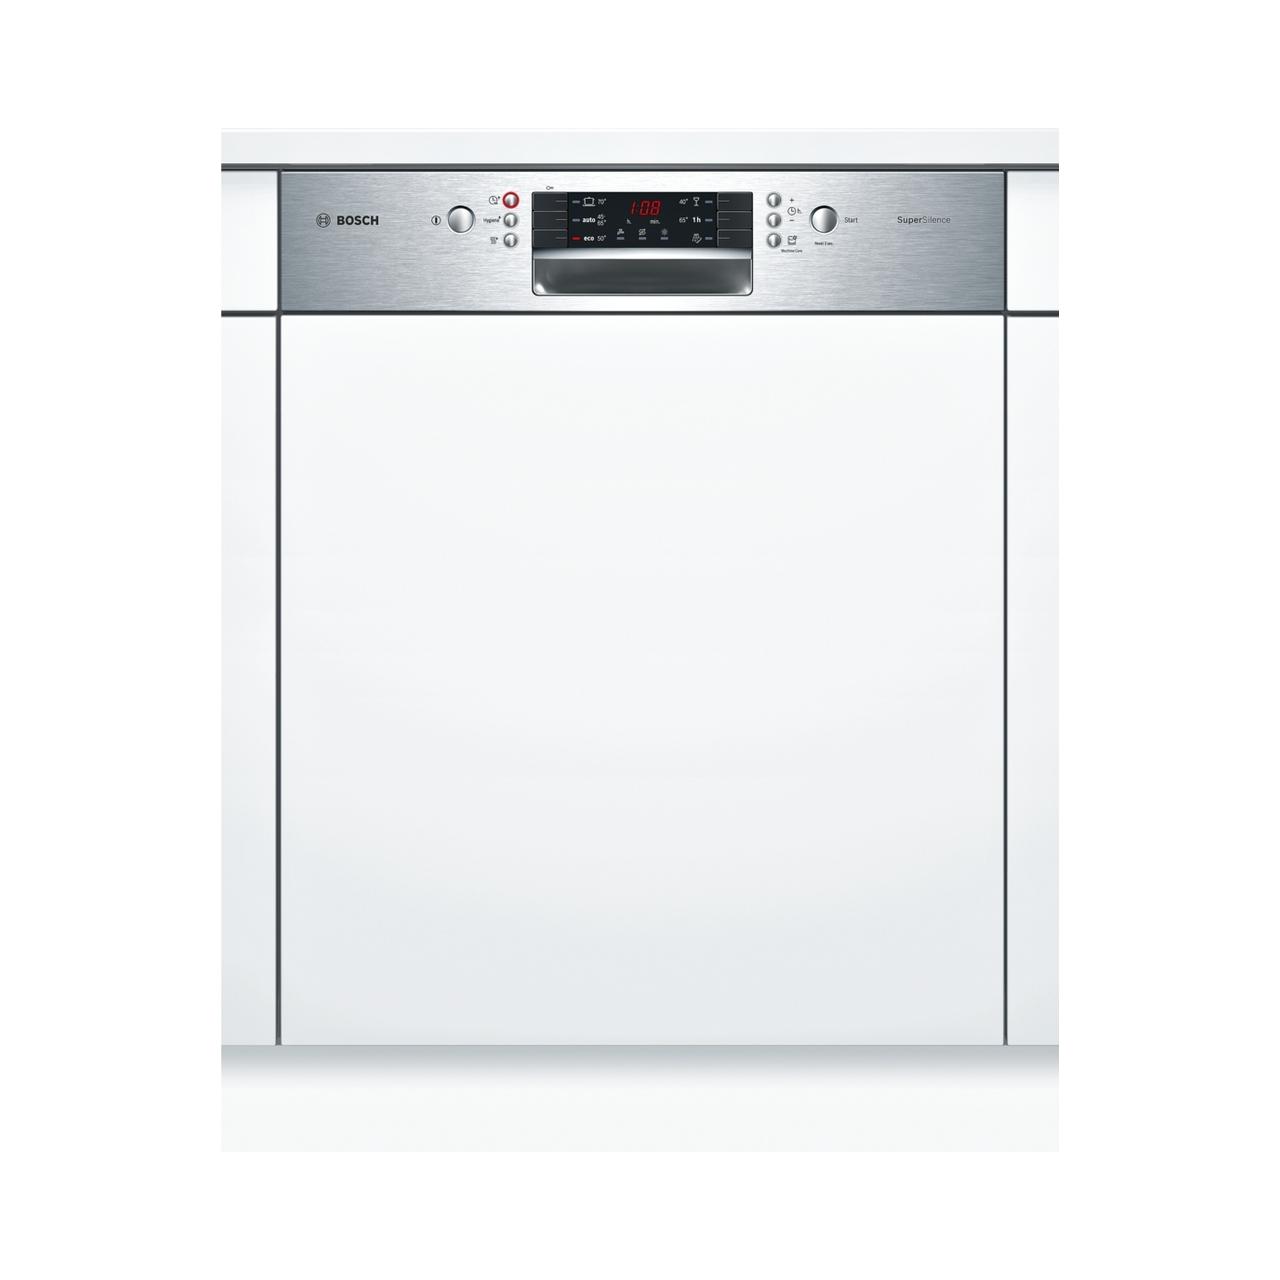 Máy rửa bát âm tủ BOSCH SMI46KS01E Serie 4